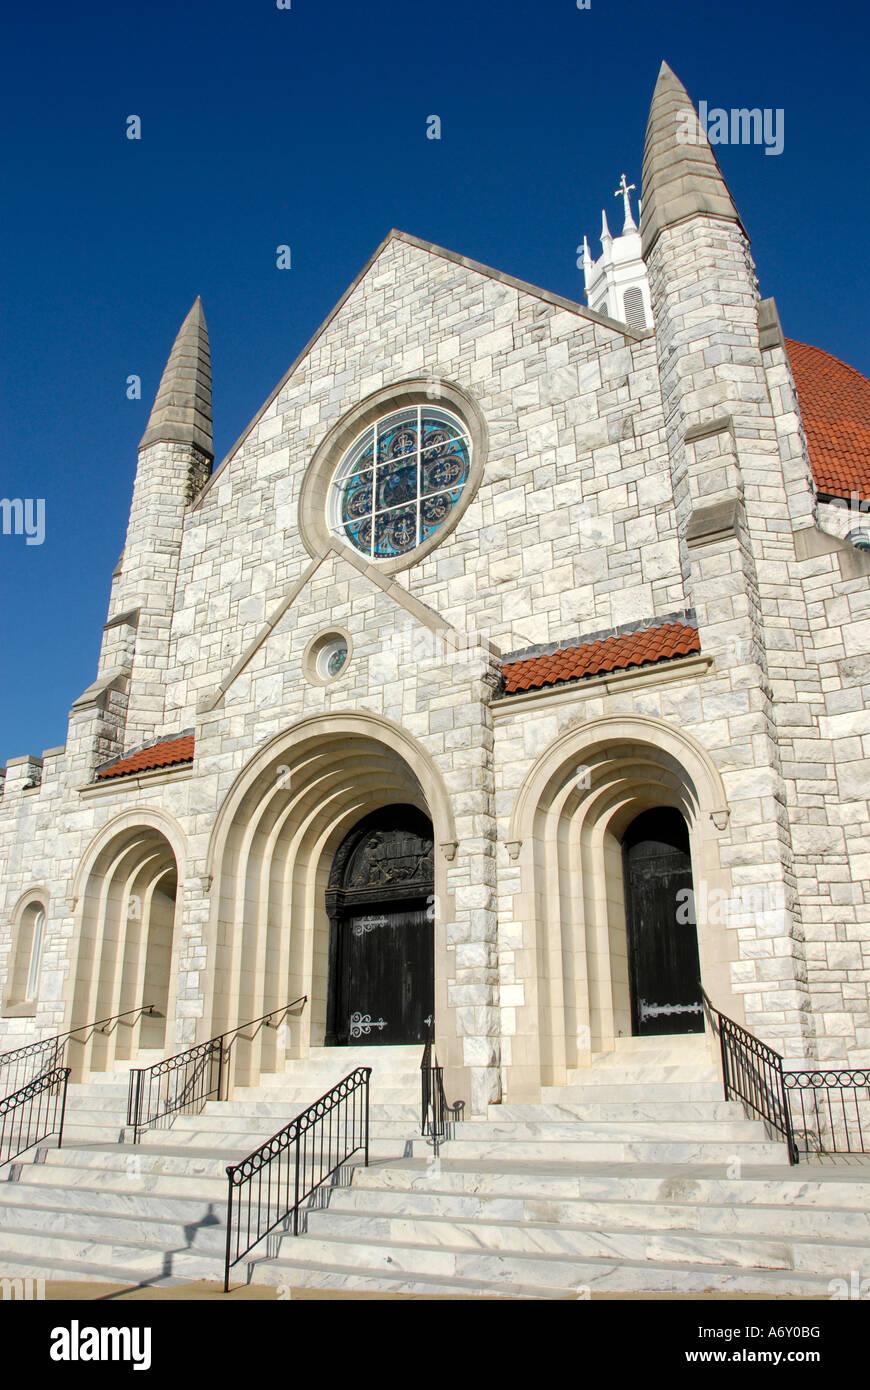 Primera Iglesia Bautista fundada en 1829 en el centro histórico de la ciudad de Montgomery, Alabama al. Foto de stock